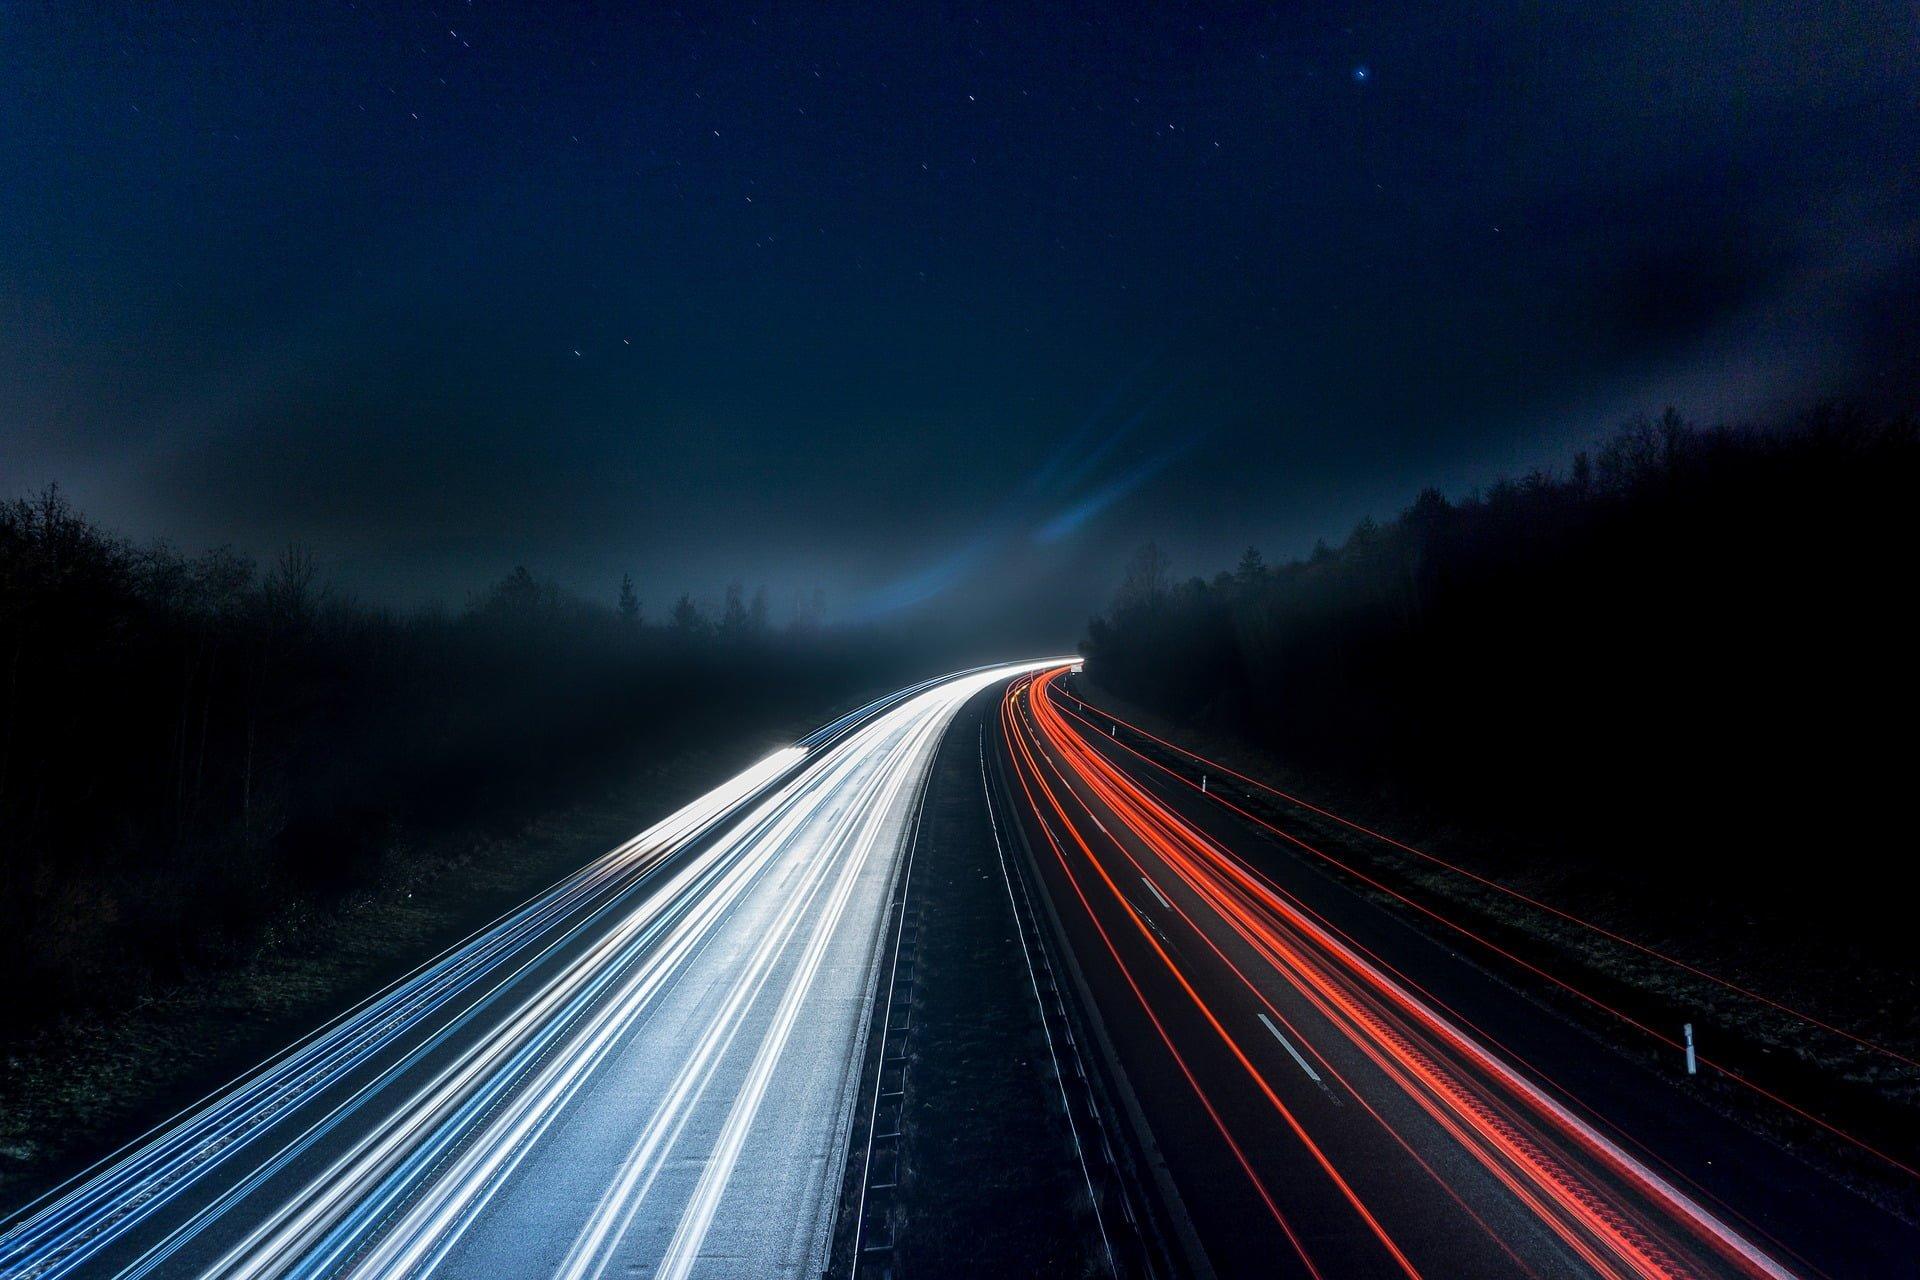 Kara za przekroczenie prędkości. Kiedy zabiorą Ci prawo jazdy?